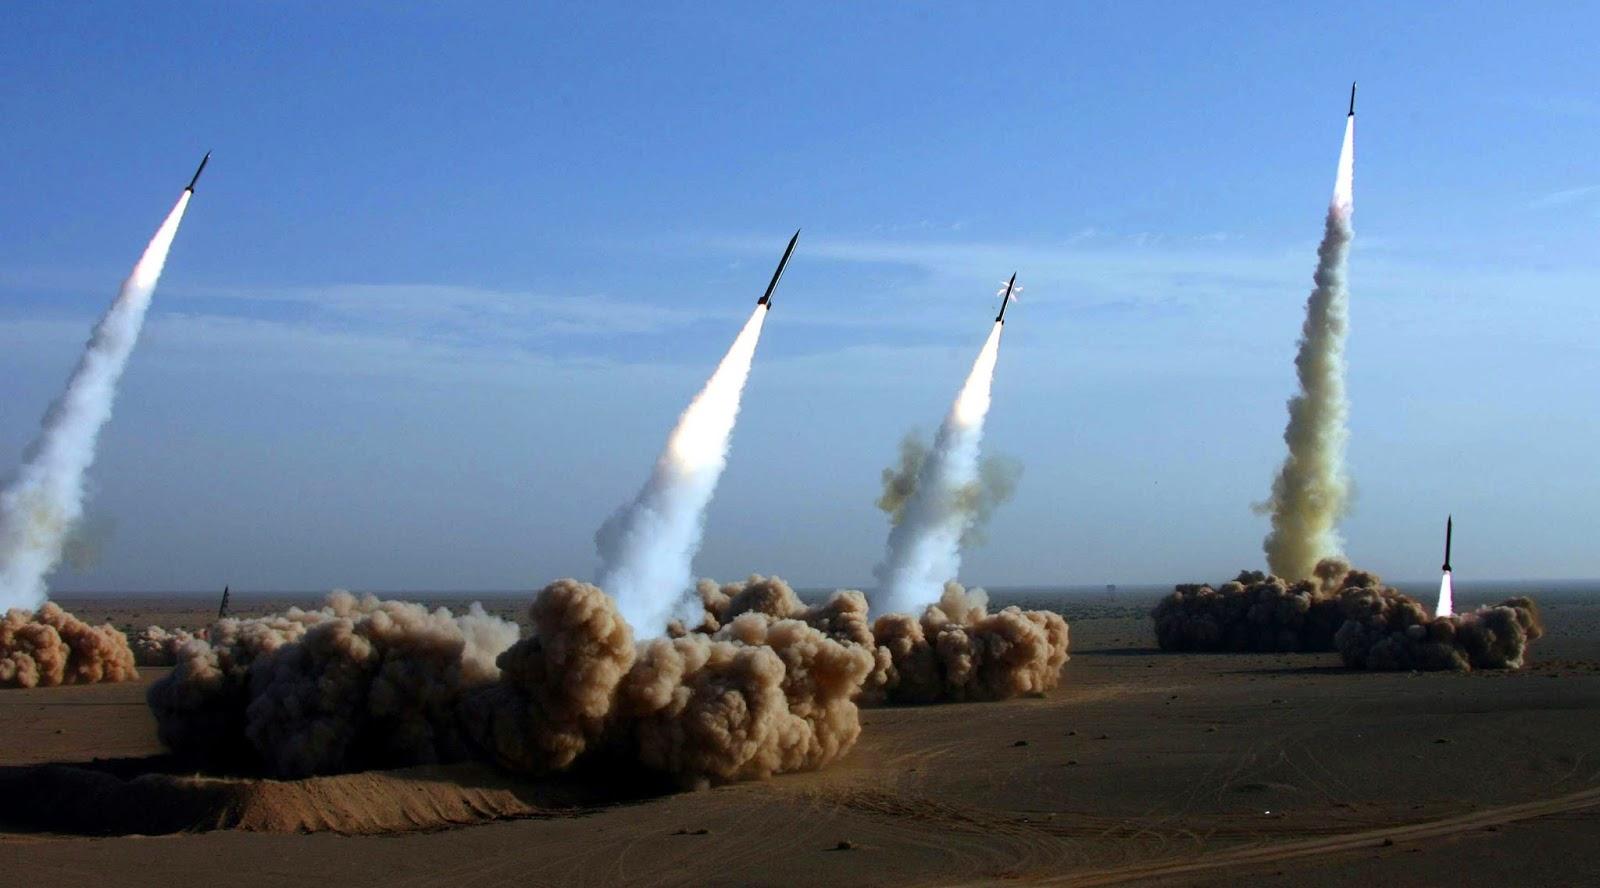 roket yang membunuh banyak harga satu roket dan bantuan amerika kepada Israel